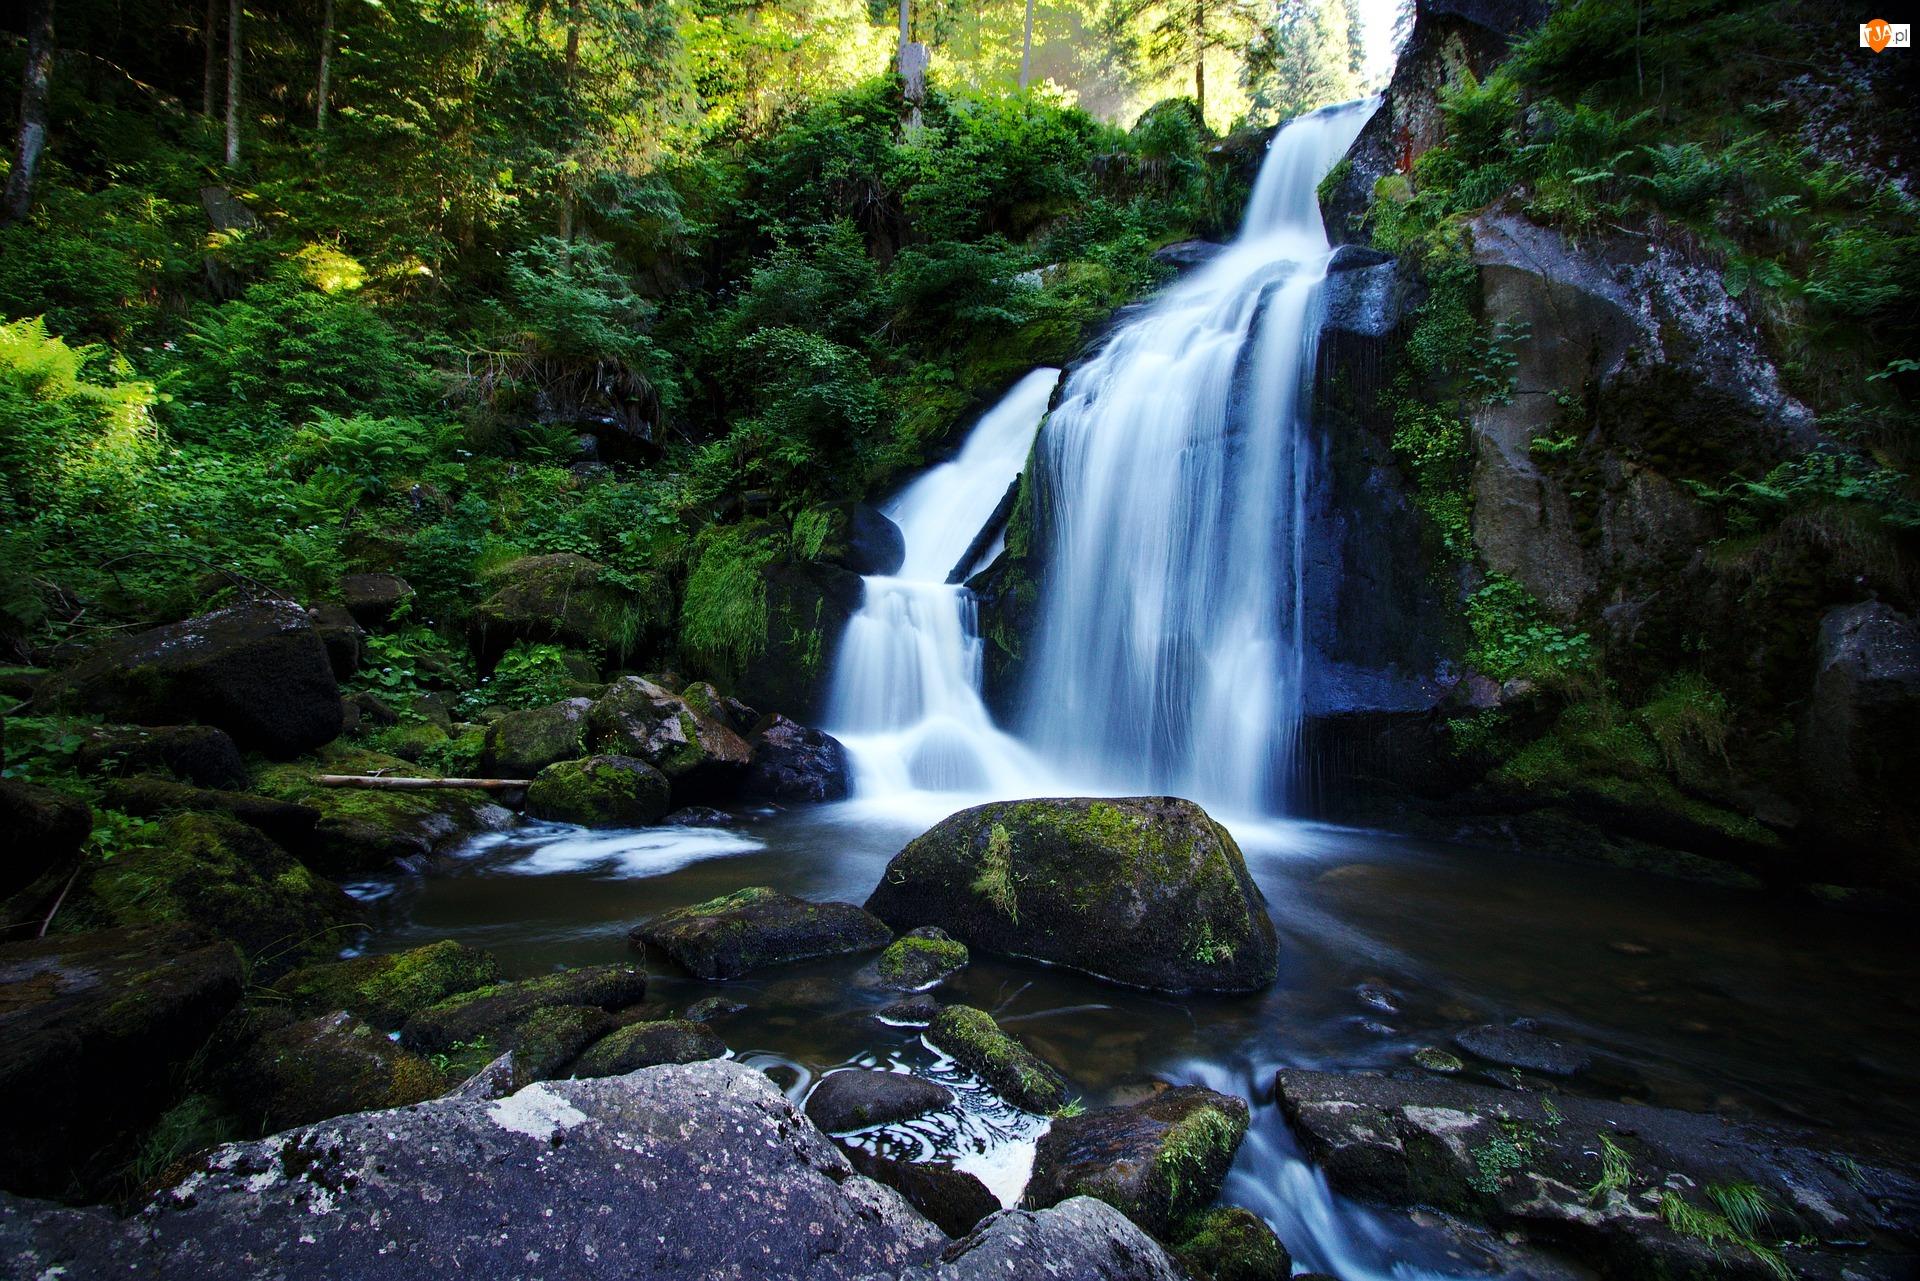 Kamienie, Wodospad, Las, Drzewa